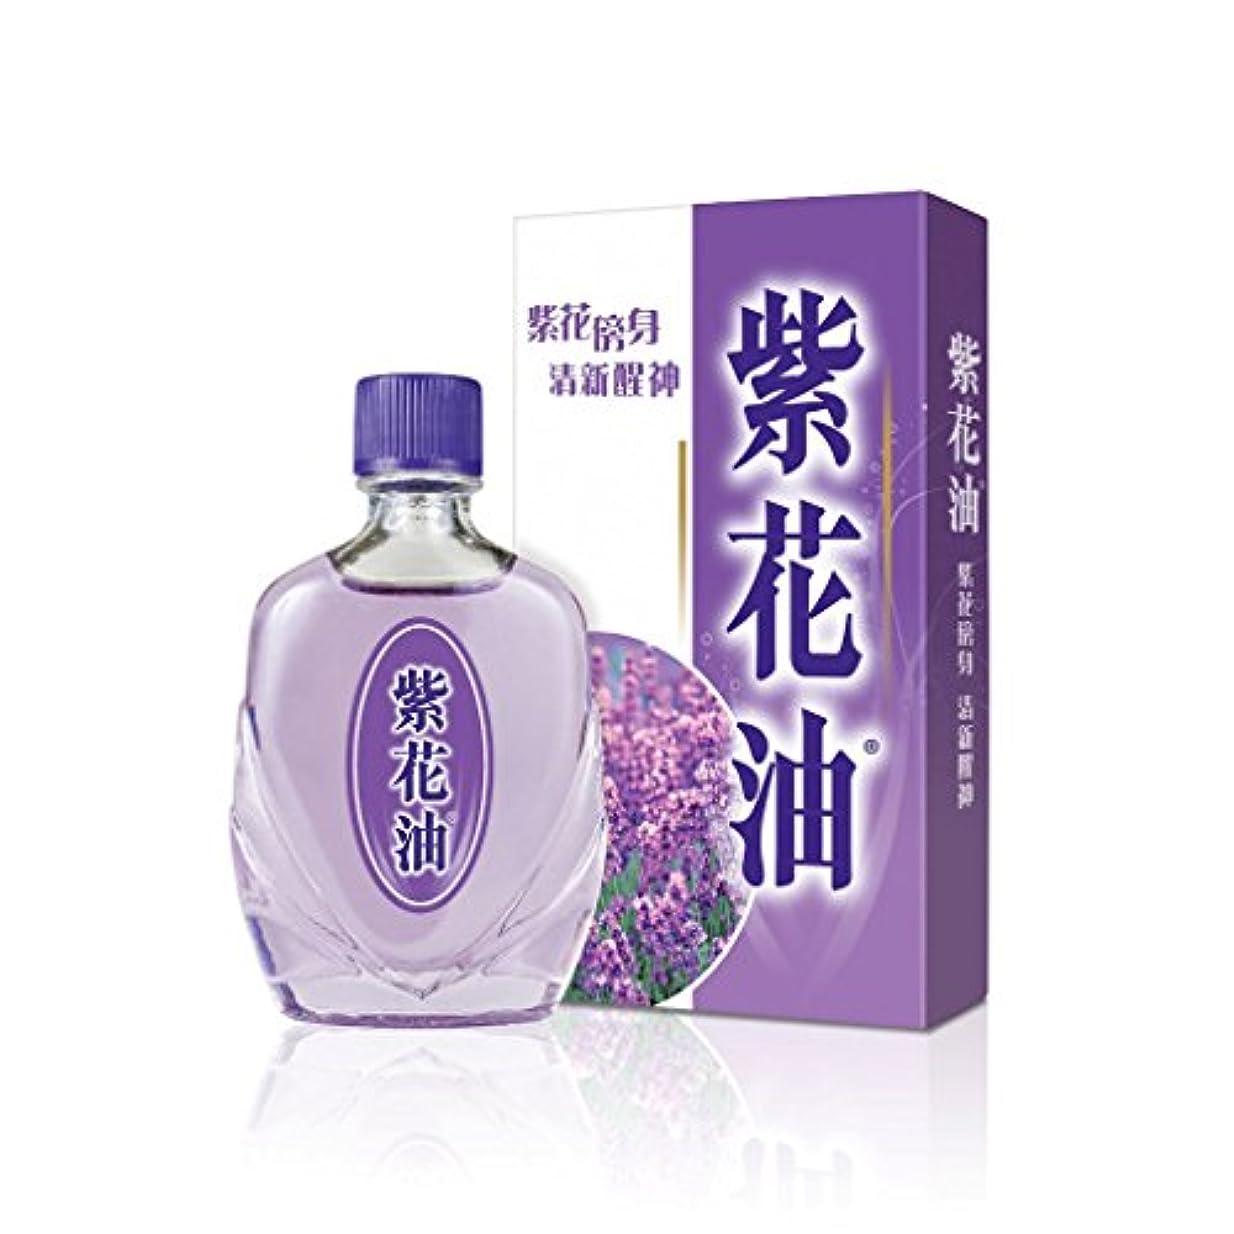 失交換可能バター紫花油 Zihua 香港 オイル 12ml [並行輸入品]